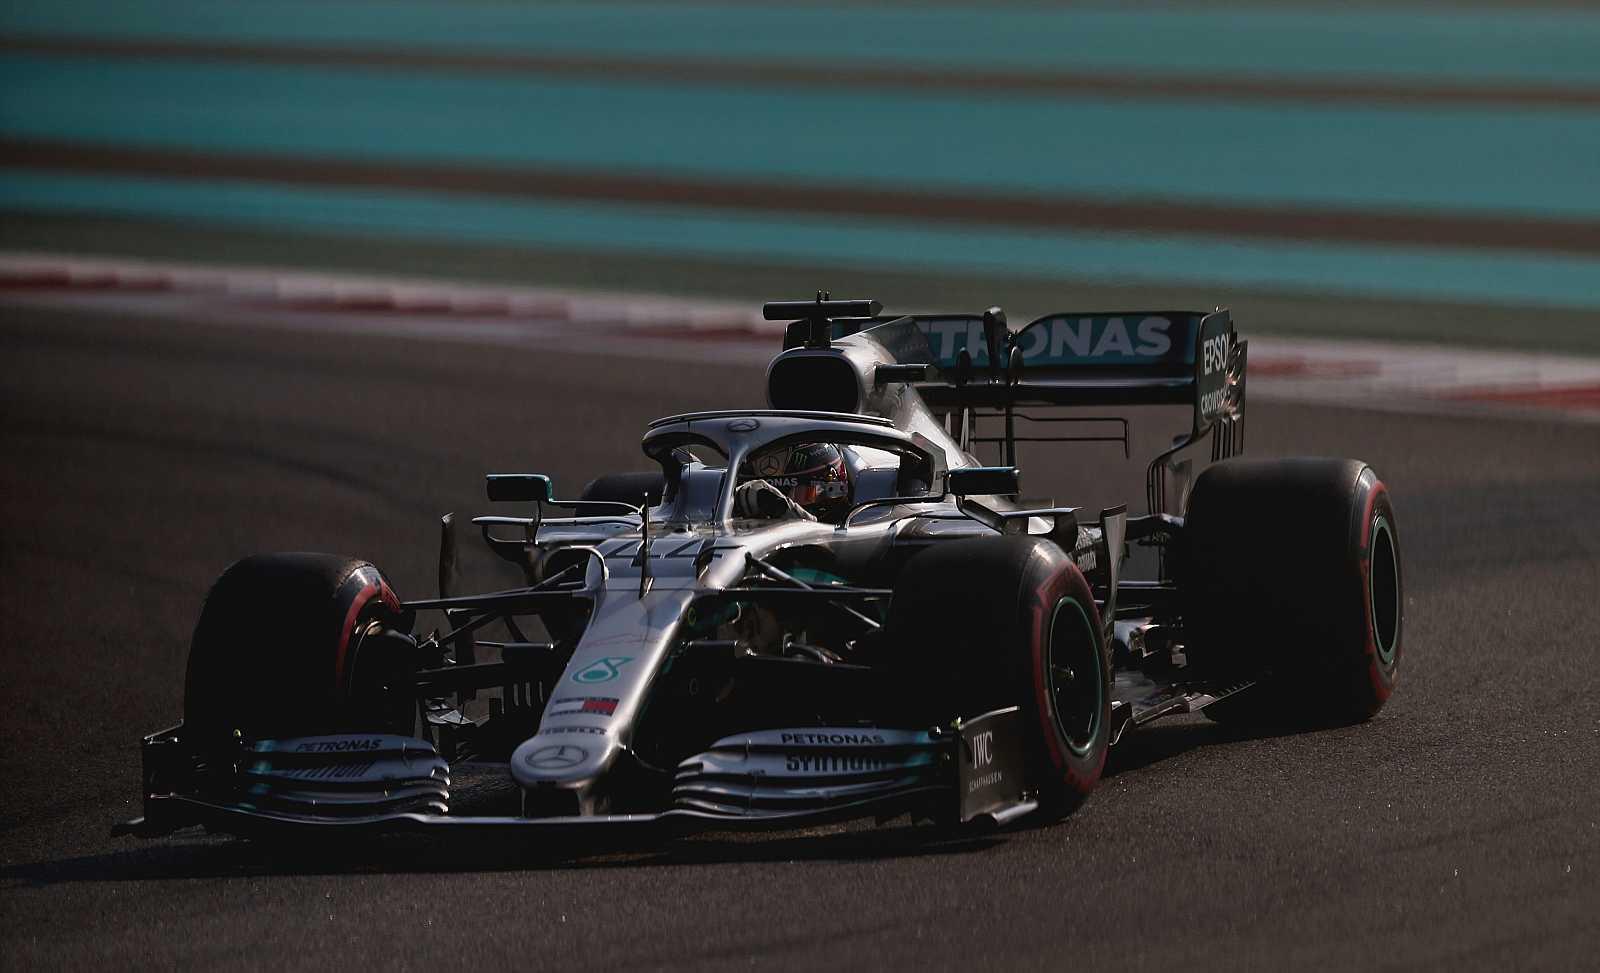 Imagen del piloto británico Lewis Hamilton (Mercedes) rodando en el circuito de Yas Marina.